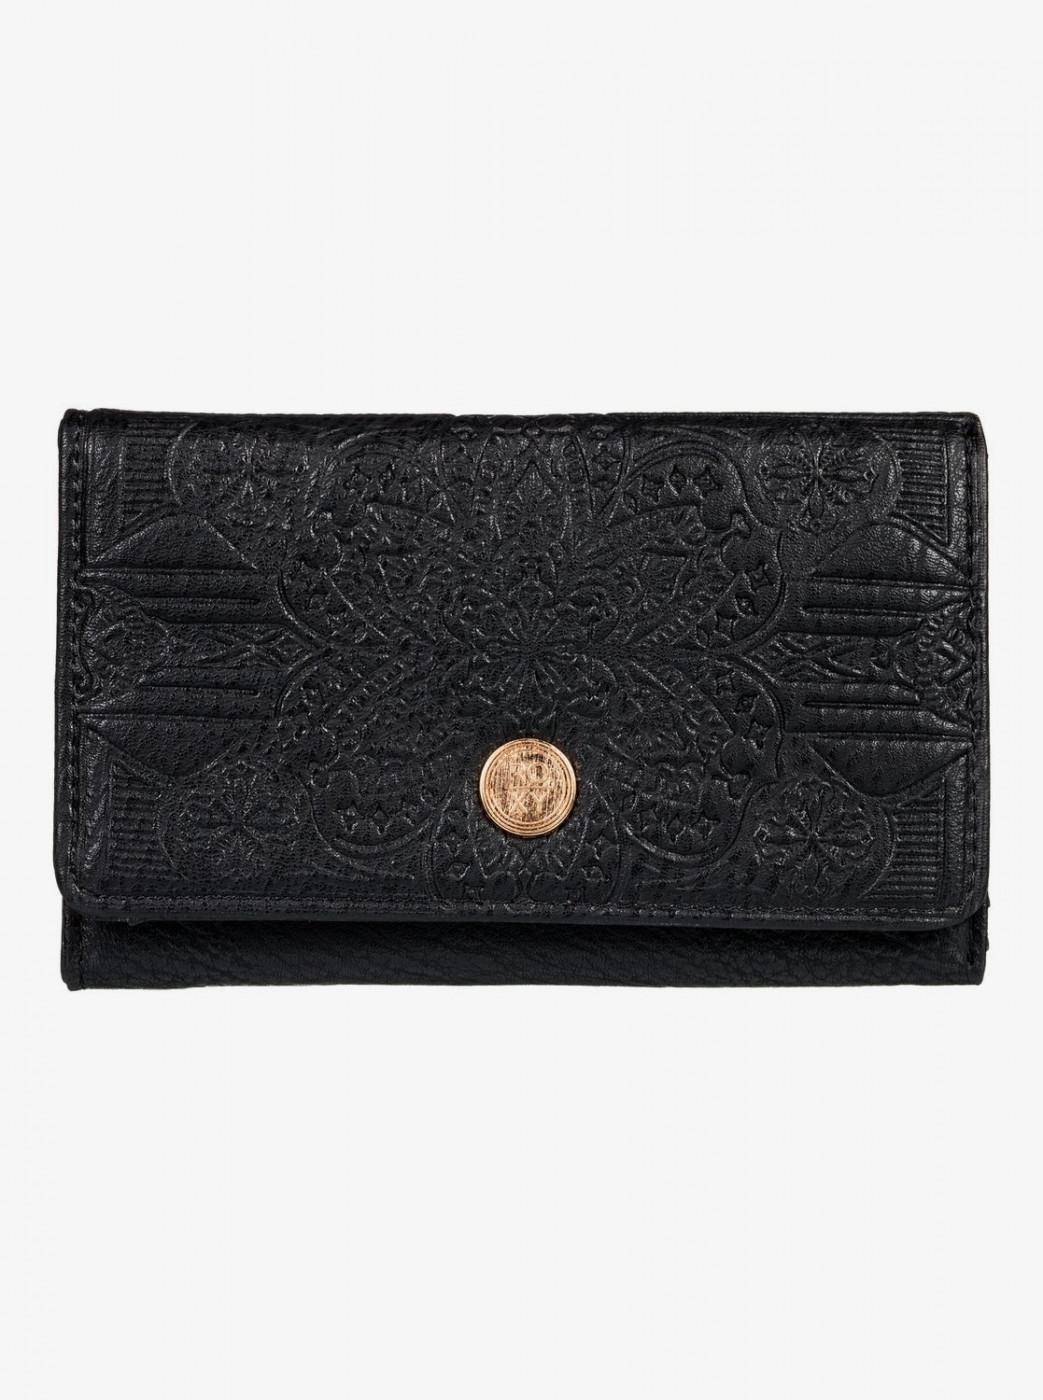 Women's wallet ROXY